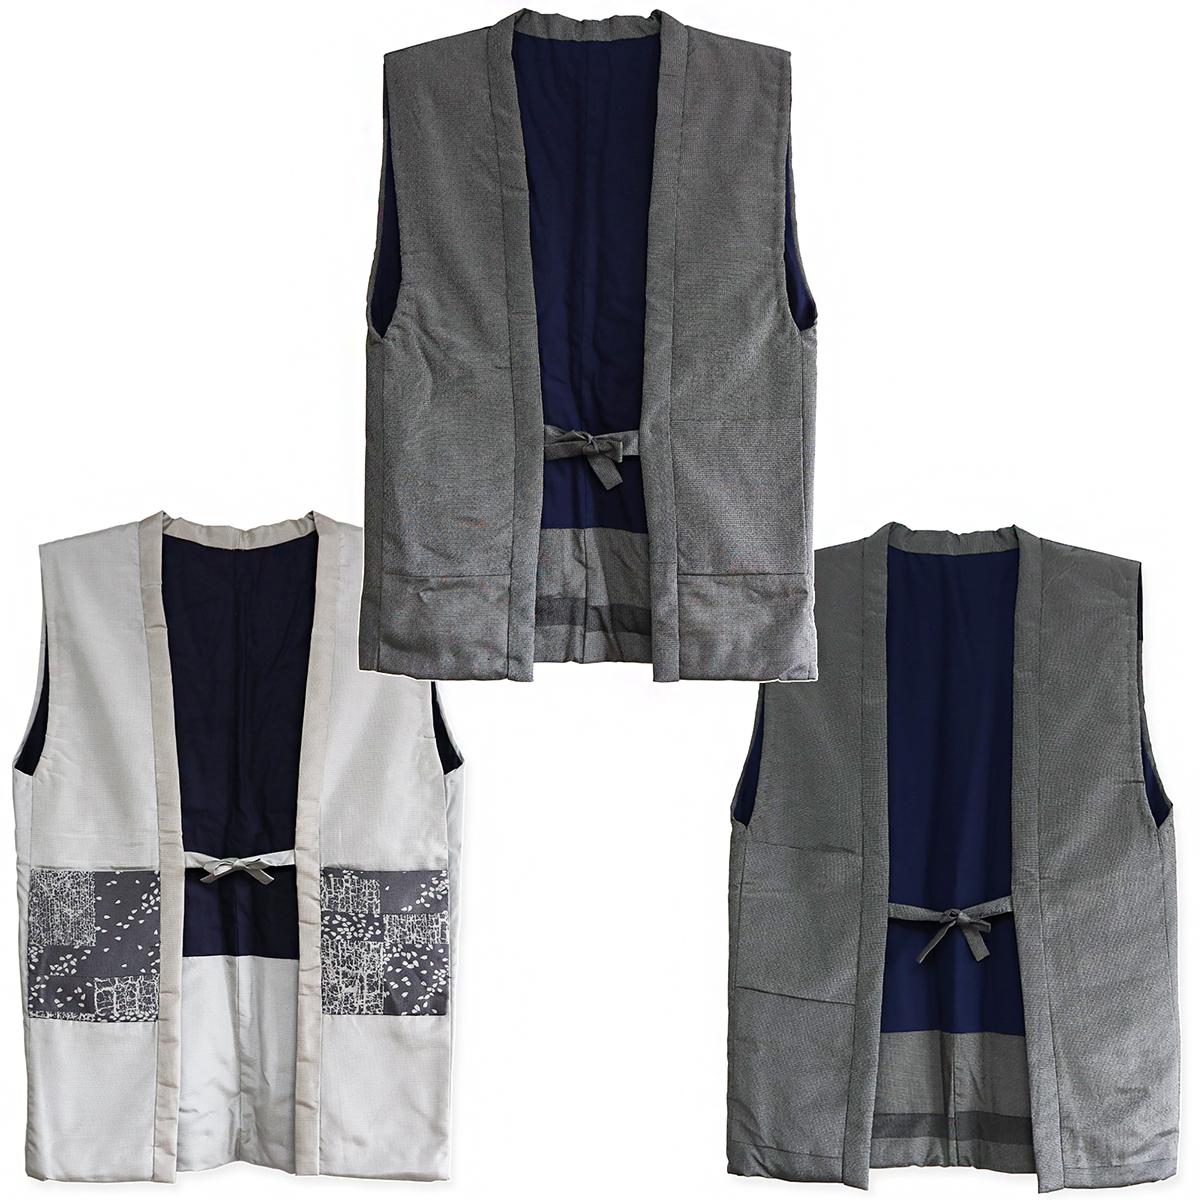 紳士 塩沢御召ちゃんちゃんこ 長羽織 袖なし袢纏 男物 伝統工芸品 塩沢物語 日本製